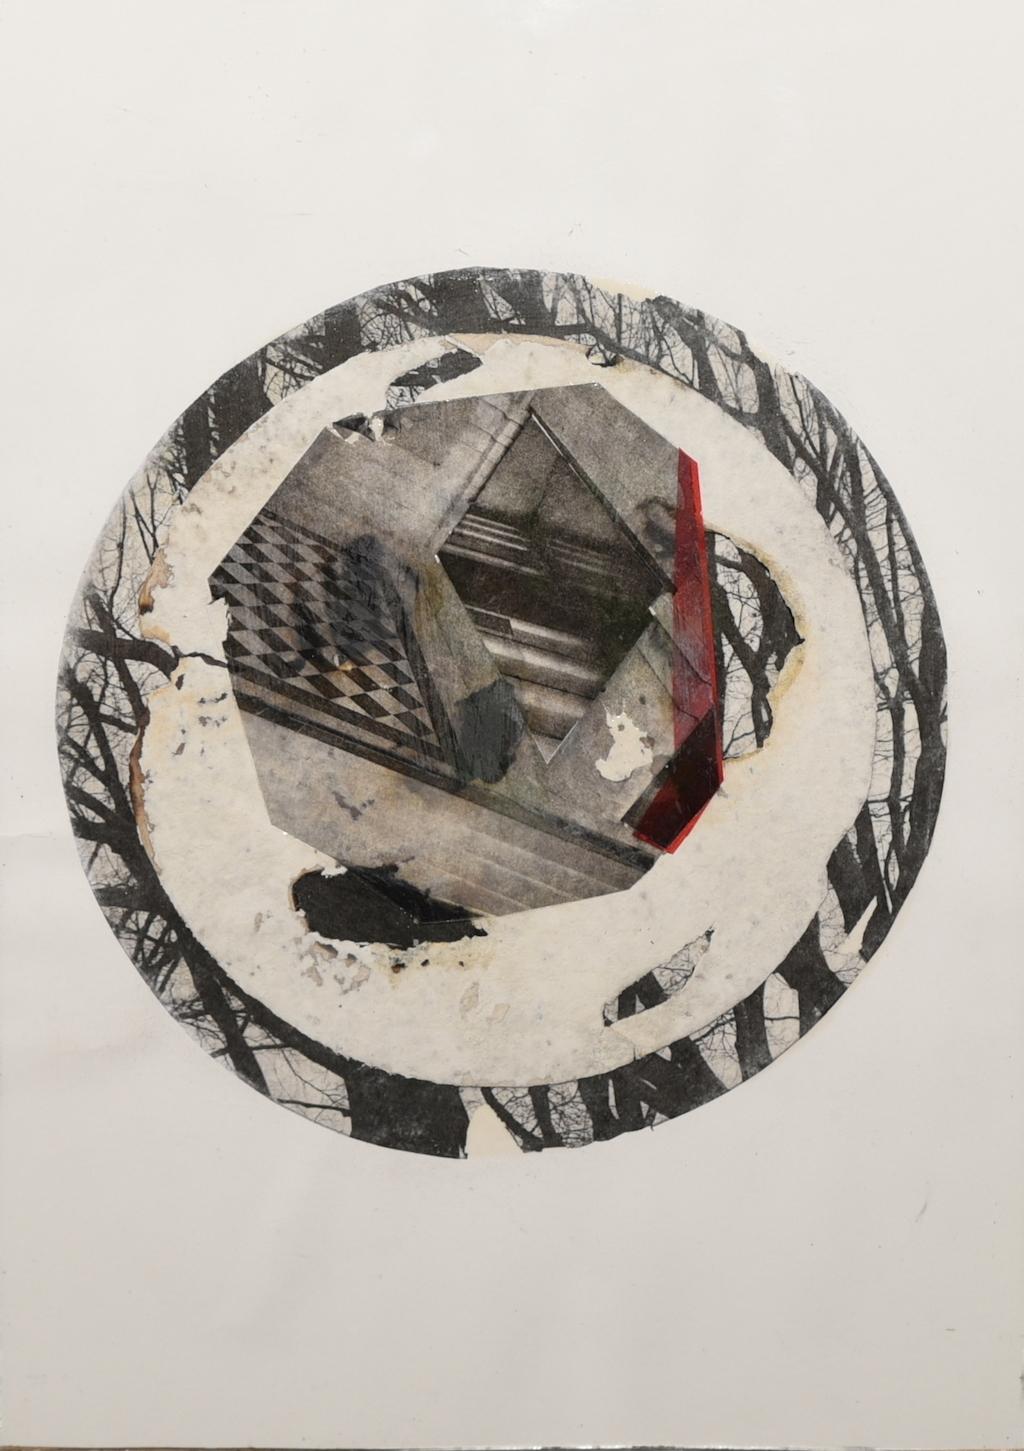 MIL ESCALERAS HACIA EL BOSQUE  T. Mixta /Papel y cristal. 35 x 25 cm.